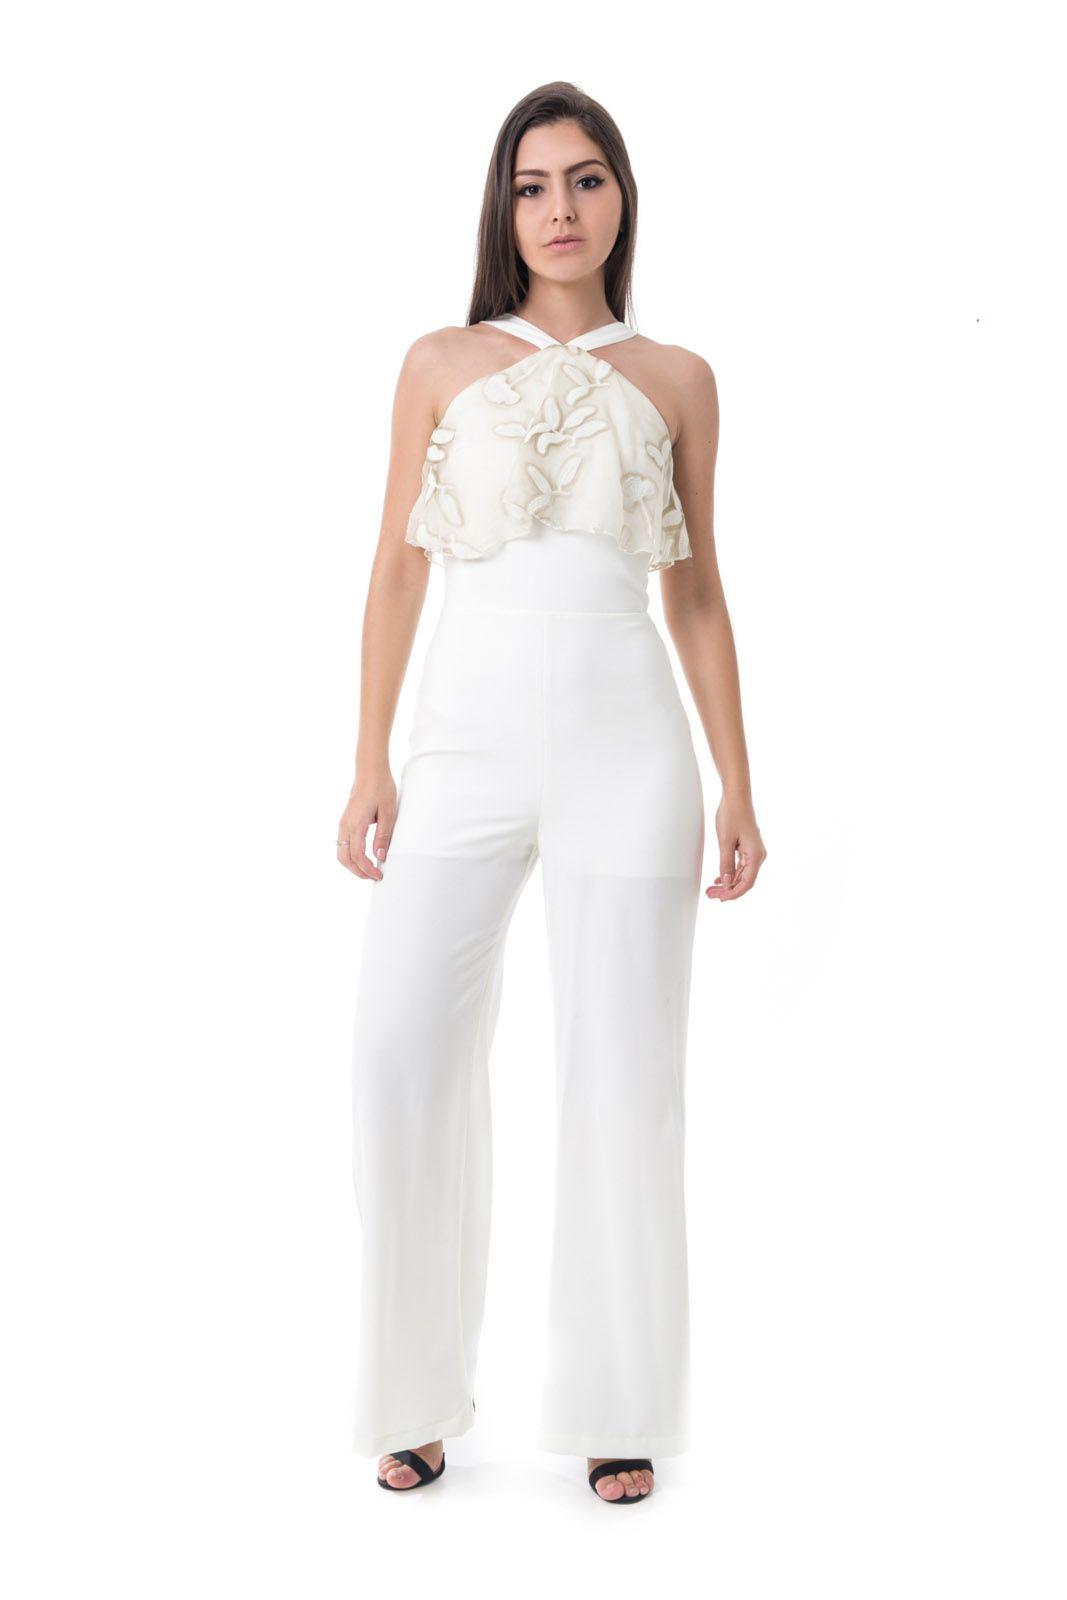 ec6164f20240 EspiarComprar · Vestido Longo Pkd Vazado Na Costela Off White. 42%OFF.  Macacão Pkd Estilo Pantalona Off White